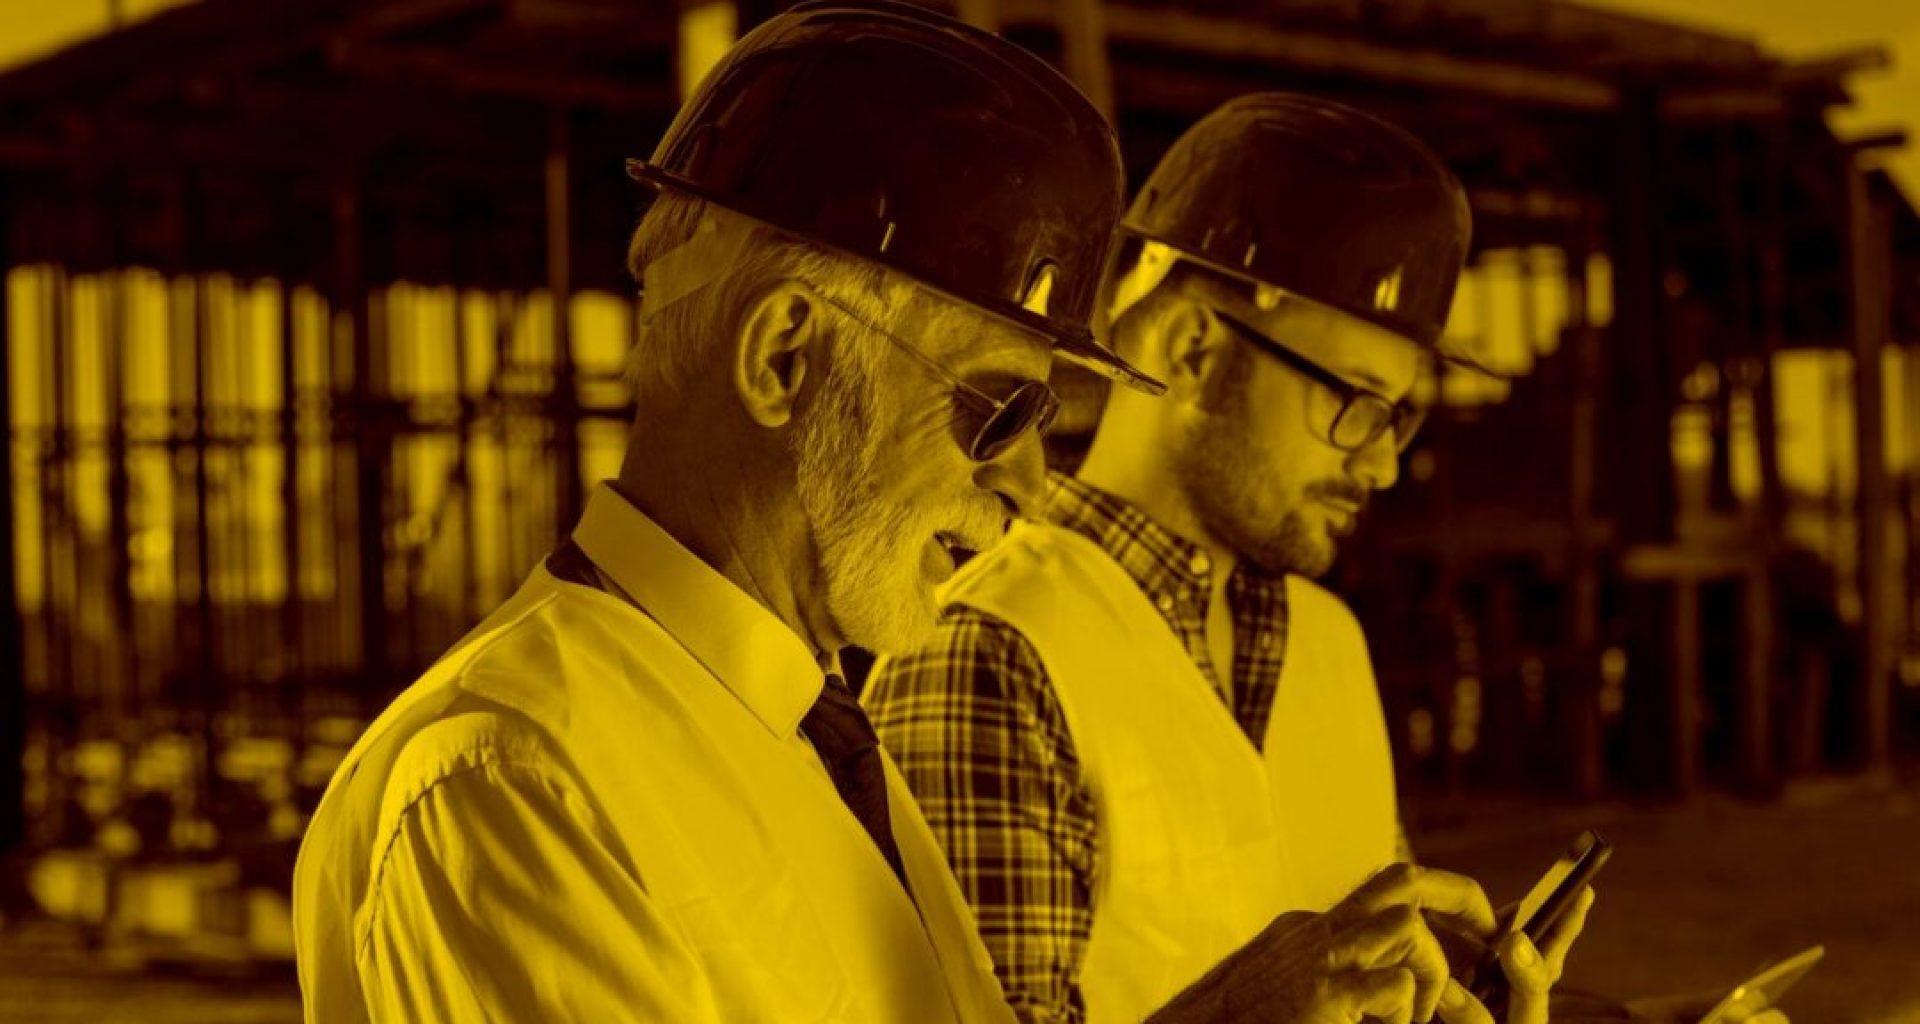 Zwei Bauarbeiter mit Tablet und Smartphone arbeiten mit Offerte L in der maja.cloud